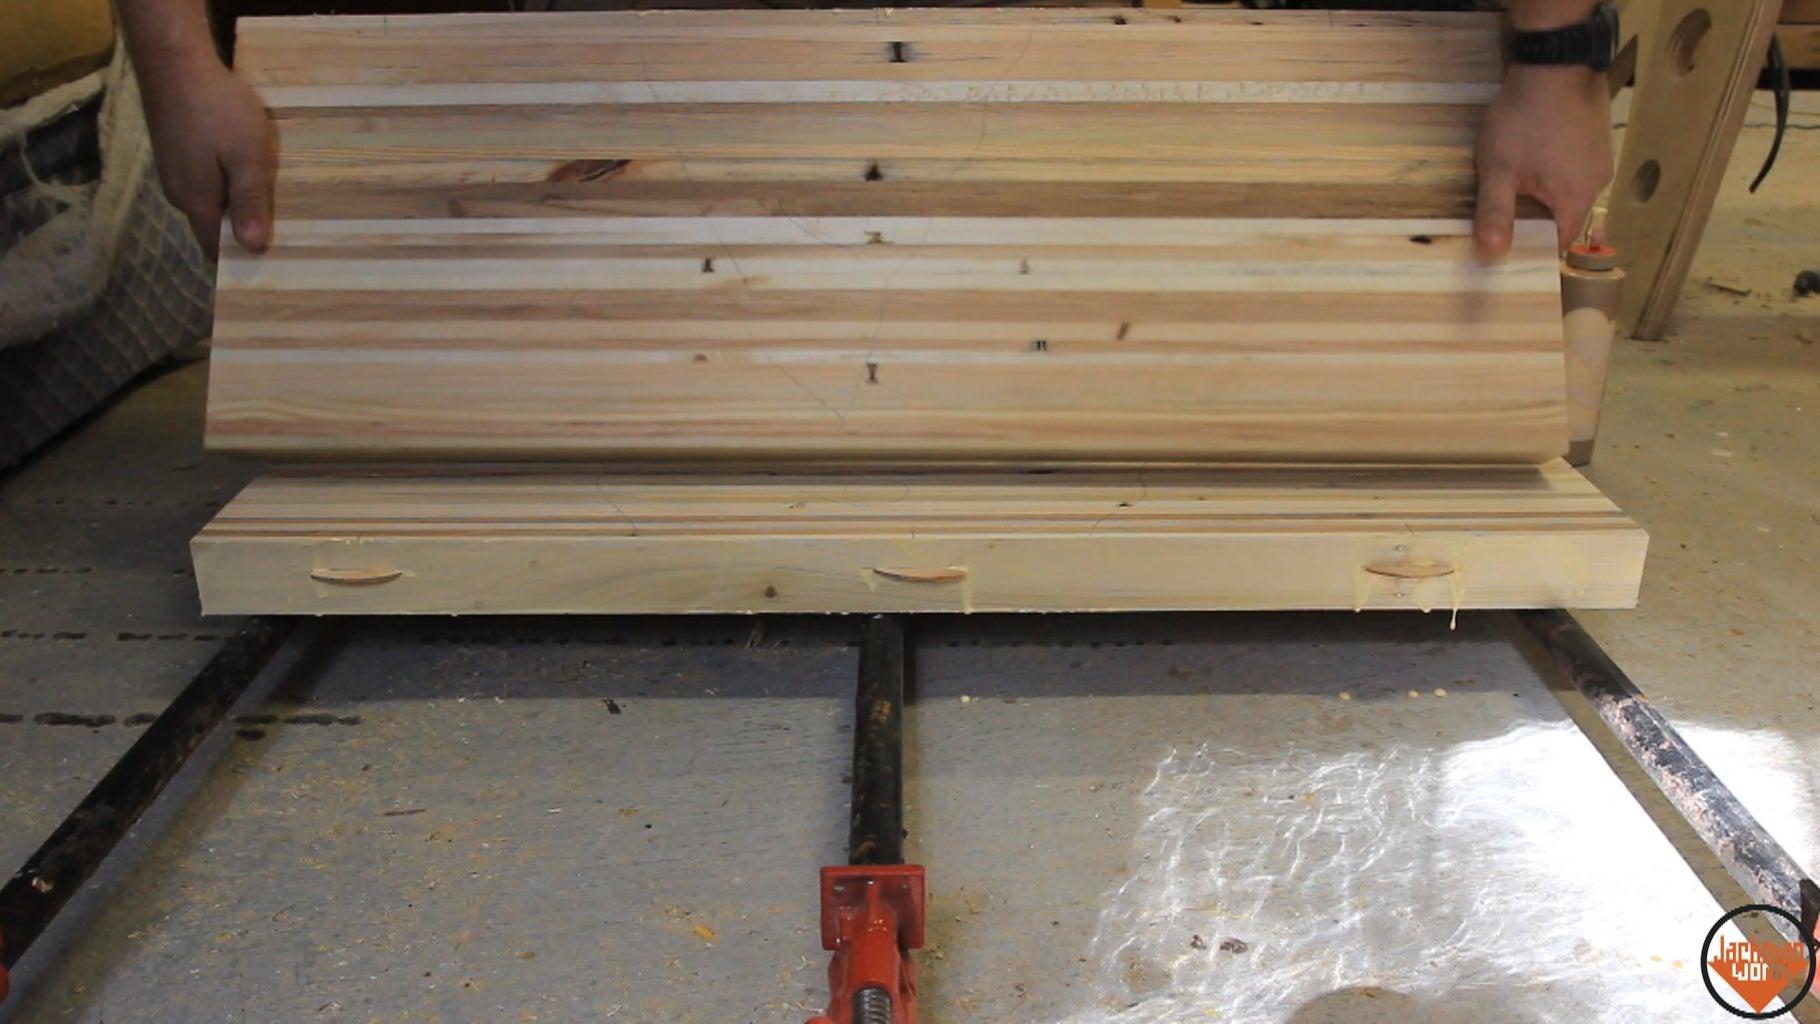 Flattening & Final Glue-Up